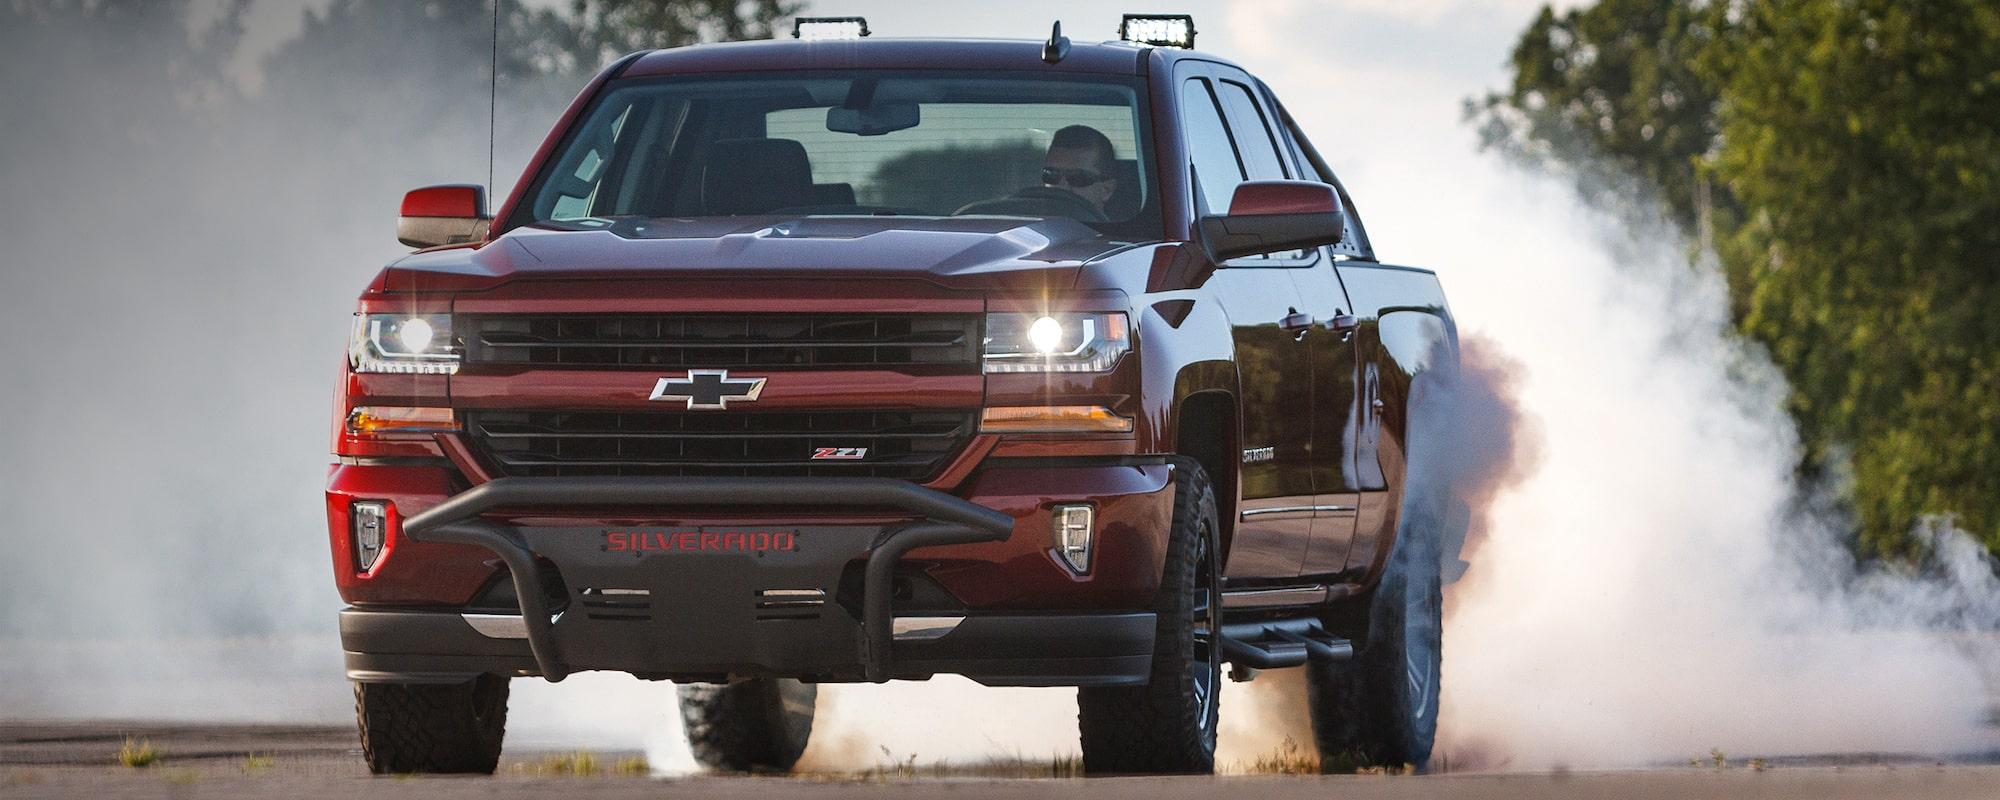 2017 Chevrolet Silverado Pickup Truck Exhaust: Silverado 4 Inch Exhaust At Woreks.co